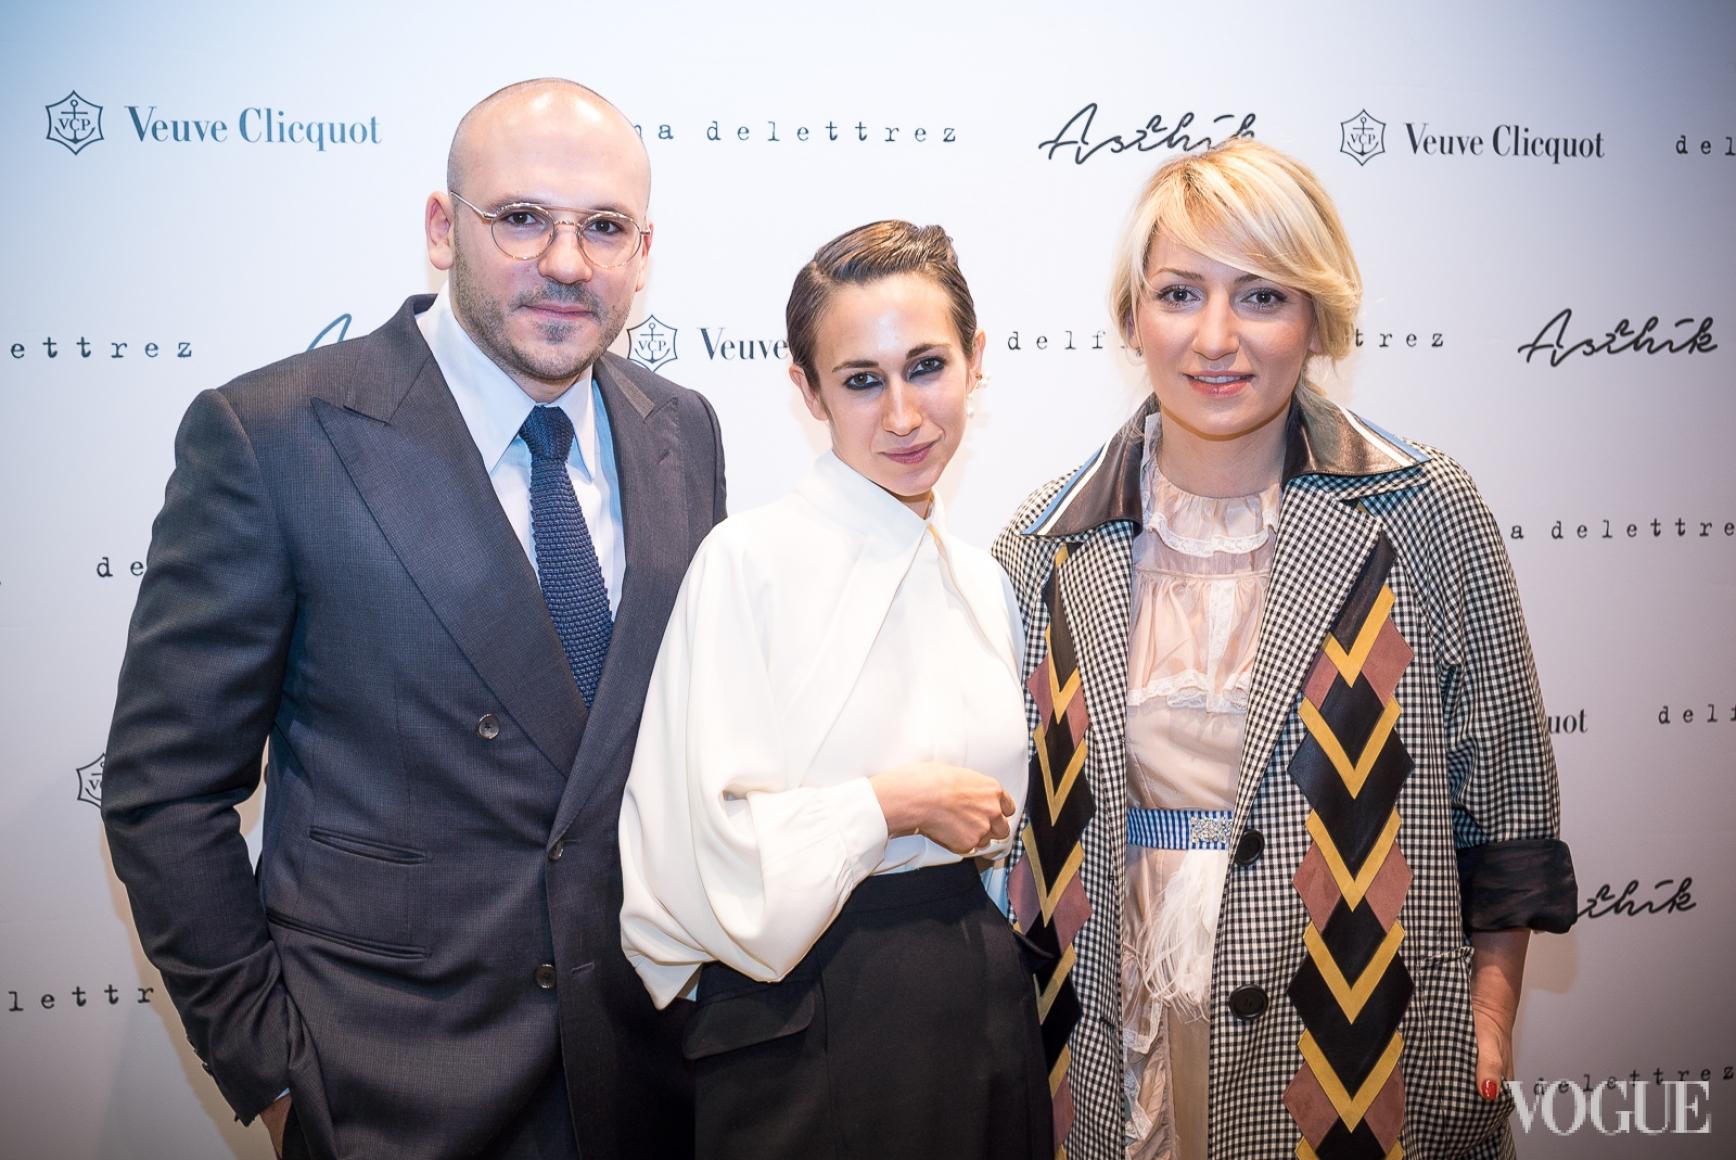 Дмитрий Евенко, Дельфина Делеттре и Ася Мхитарян